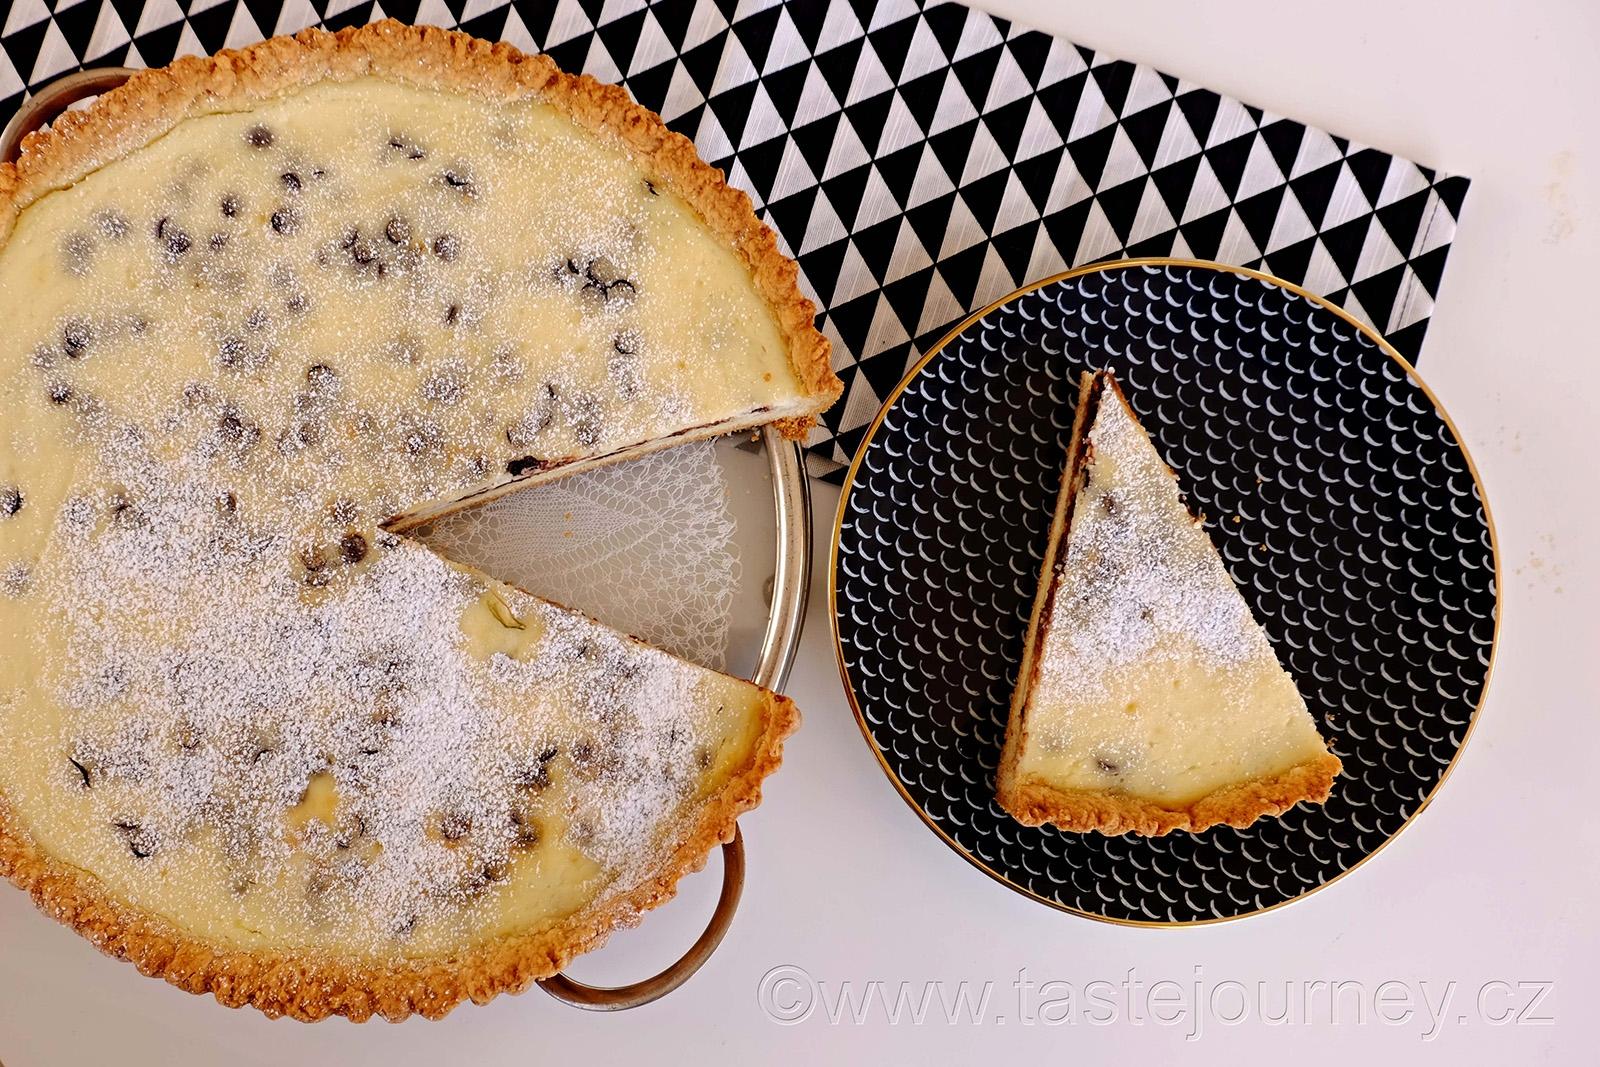 Korpus s přidáním vajíček a vláčná krémová ricotta s čokoládou, to je tajemství úspěchu římského koláče